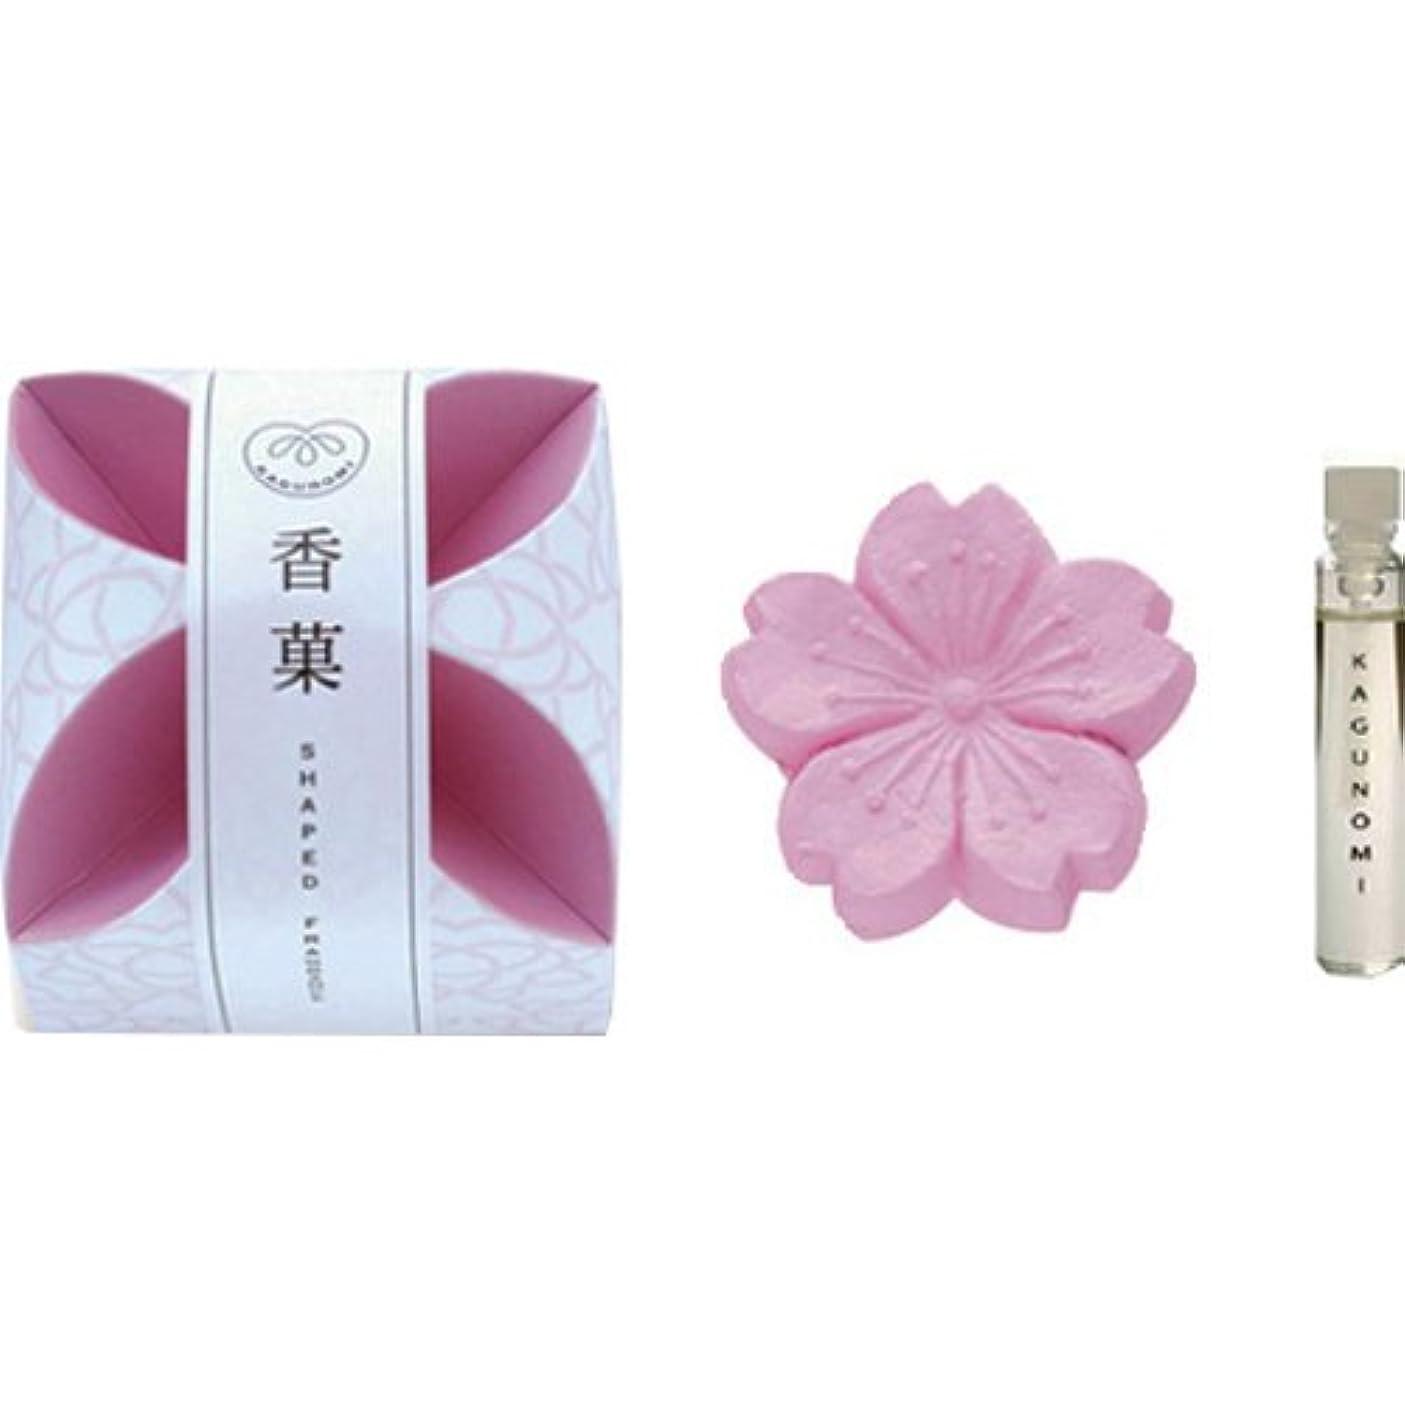 火炎国矢印香菓 さくら形(桜色) 1入 オイル1.8mm付